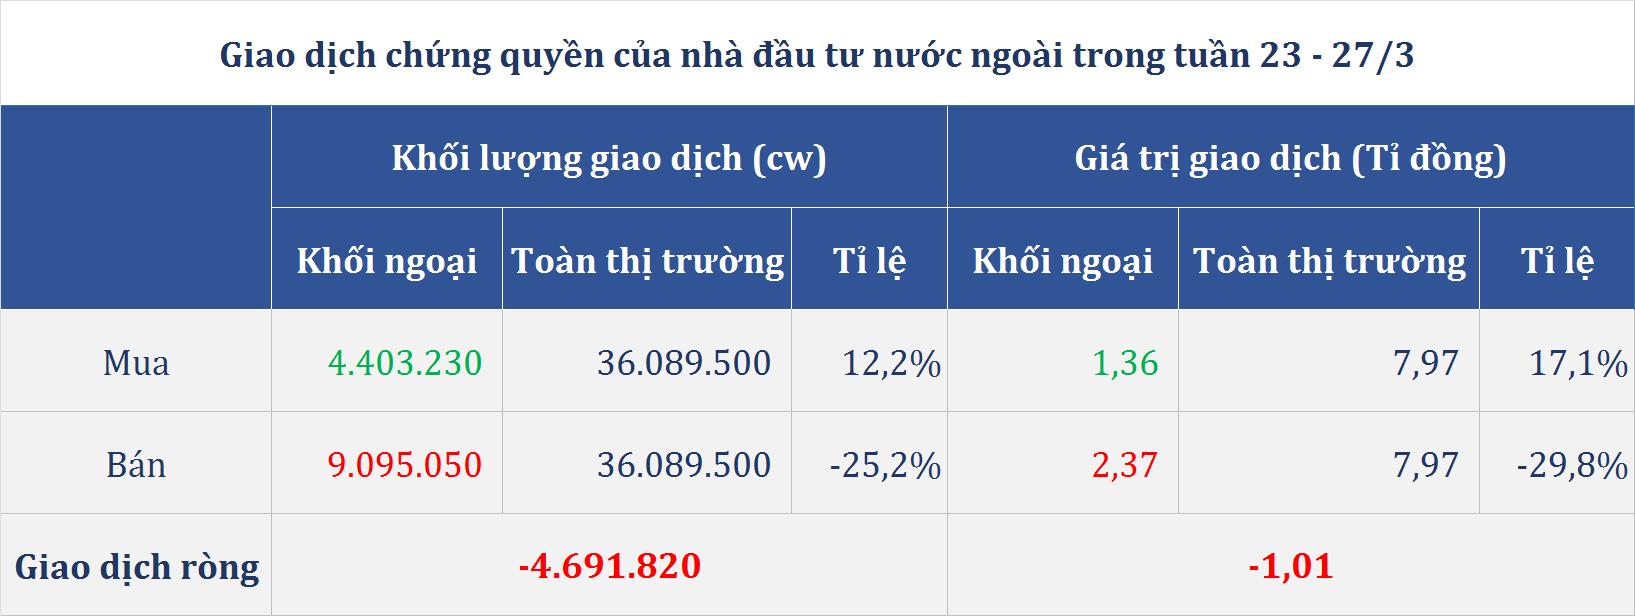 Thị trường chứng quyền (23 - 27/3): Thêm một tuần lao dốc, nhóm VNM và MSN ngược dòng tăng giá - Ảnh 4.